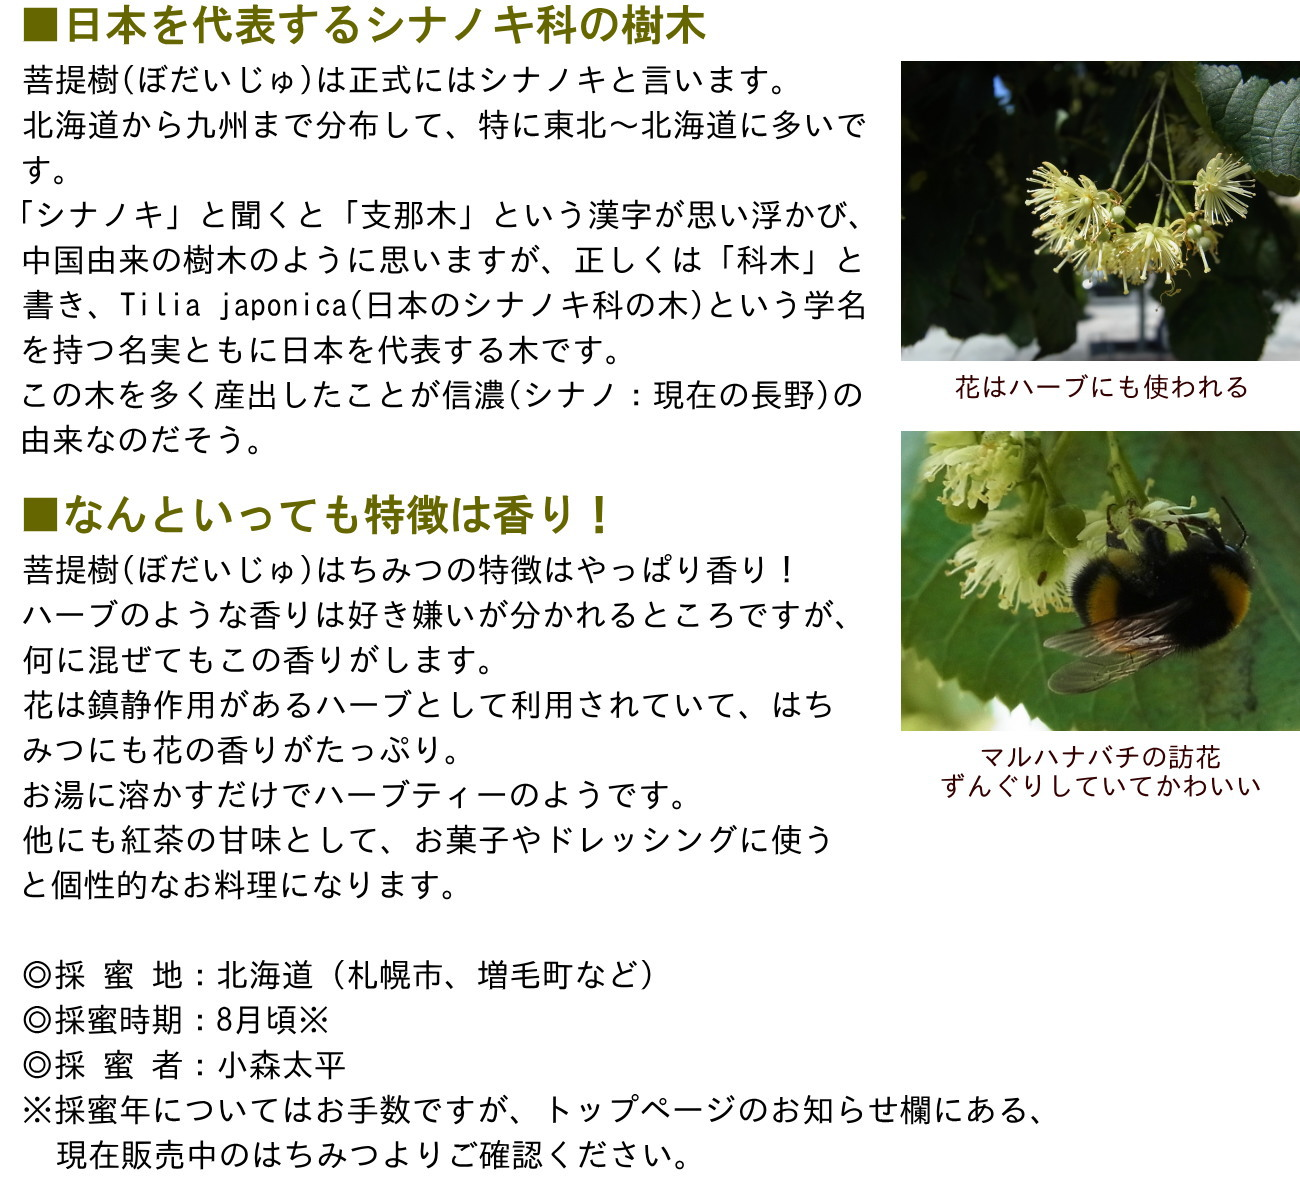 ■日本を代表するシナノキ科の樹木菩提樹(ぼだいじゅ)は正式にはシナノキと言います。北海道から九州まで分布して、特に東北~北海道に多いです。「シナノキ」と聞くと「支那木」という漢字が思い浮かび、中国由来の樹木のように思いますが、正しくは「科木」と書き、Tilia japonica(日本のシナノキ科の木)という学名を持つ名実ともに日本を代表する木です。この木を多く産出したことが信濃(シナノ:現在の長野)の由来なのだそう。■なんといっても特徴は香り!菩提樹(ぼだいじゅ)はちみつの特徴はやっぱり香り!ハーブのような香りは好き嫌いが分かれるところですが、何に混ぜてもこの香りがします。花は鎮静作用があるハーブとして利用されていて、はちみつにも花の香りがたっぷり。お湯に溶かすだけでハーブティーのようです。他にも紅茶の甘味として、お菓子やドレッシングに使うと個性的なお料理になります。◎採 蜜 地:北海道(札幌市、増毛町など)◎採蜜時期:8月頃※◎採 蜜 者:小森太平※採蜜年についてはお手数ですが、トップページのお知らせ欄にある、 現在販売中のはちみつよりご確認ください。花はハーブにも使われるマルハナバチの訪花ずんぐりしていてかわいい